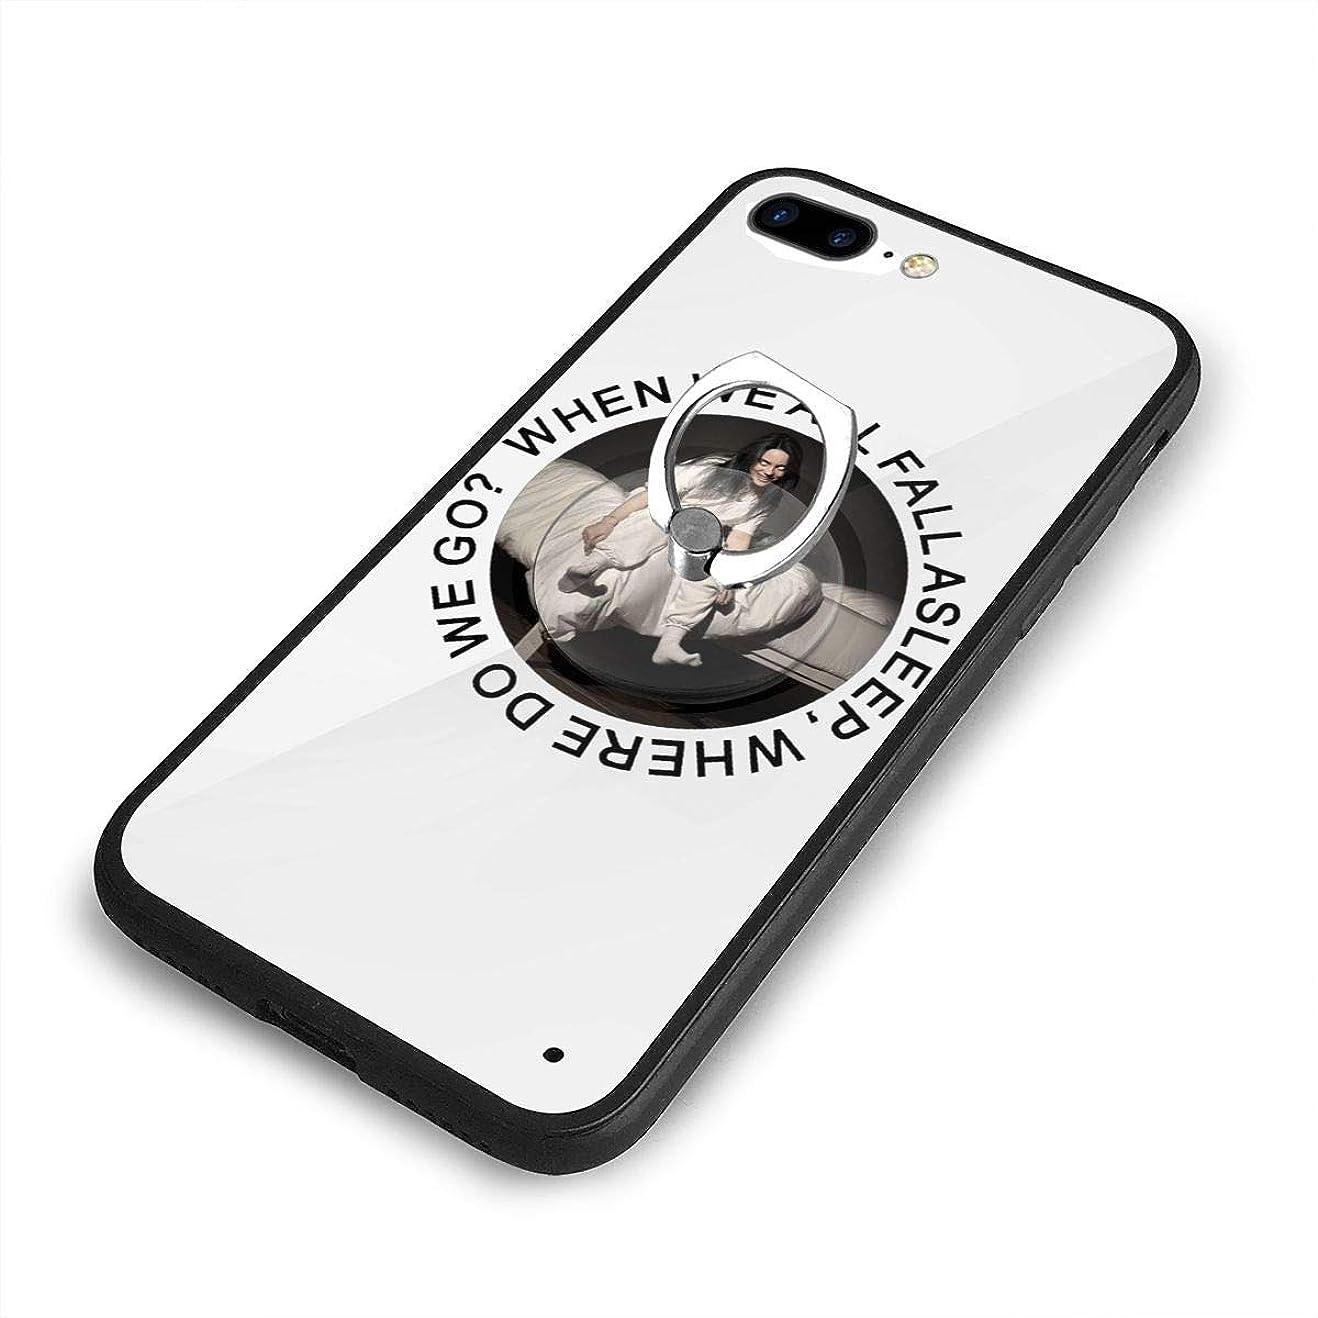 スプリット顕現偽物Billie Eilish ビリー?アイリッシュ 欧米風 iPhone 7/8 Plusケースリングブラケット 携帯カバー 創意デザイン軽量 傷つけ防止 360°回転ブラケット 携帯ケース PC 衝撃防止 全面保護